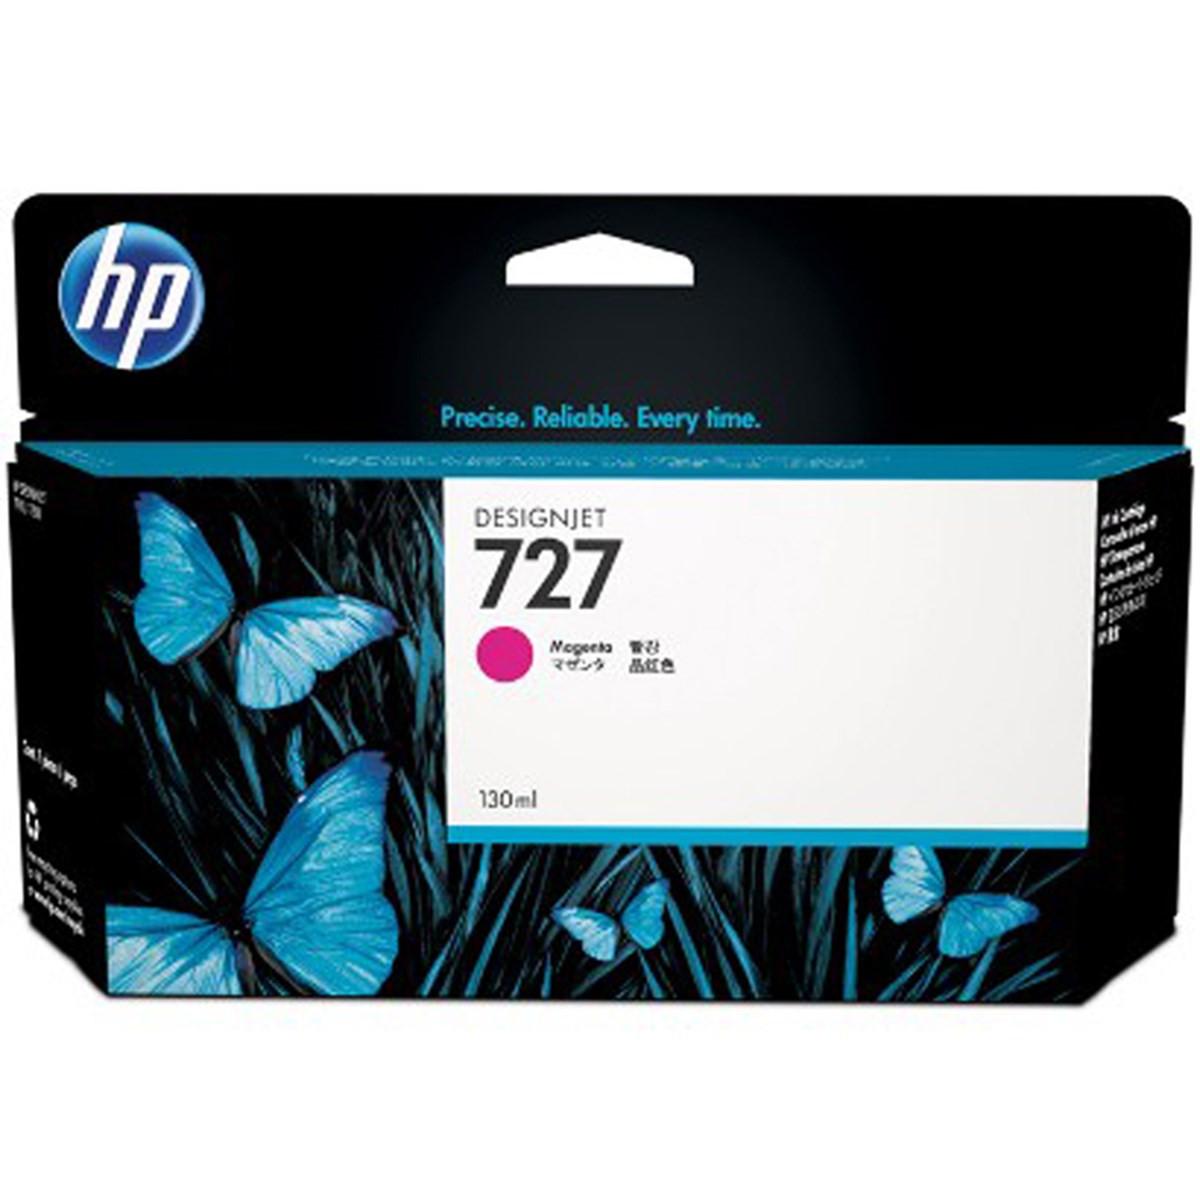 Cartucho de Tinta para Plotter HP 727 B3P20A Magenta | Designjet T1500 T920 T1530 | Original 130ml